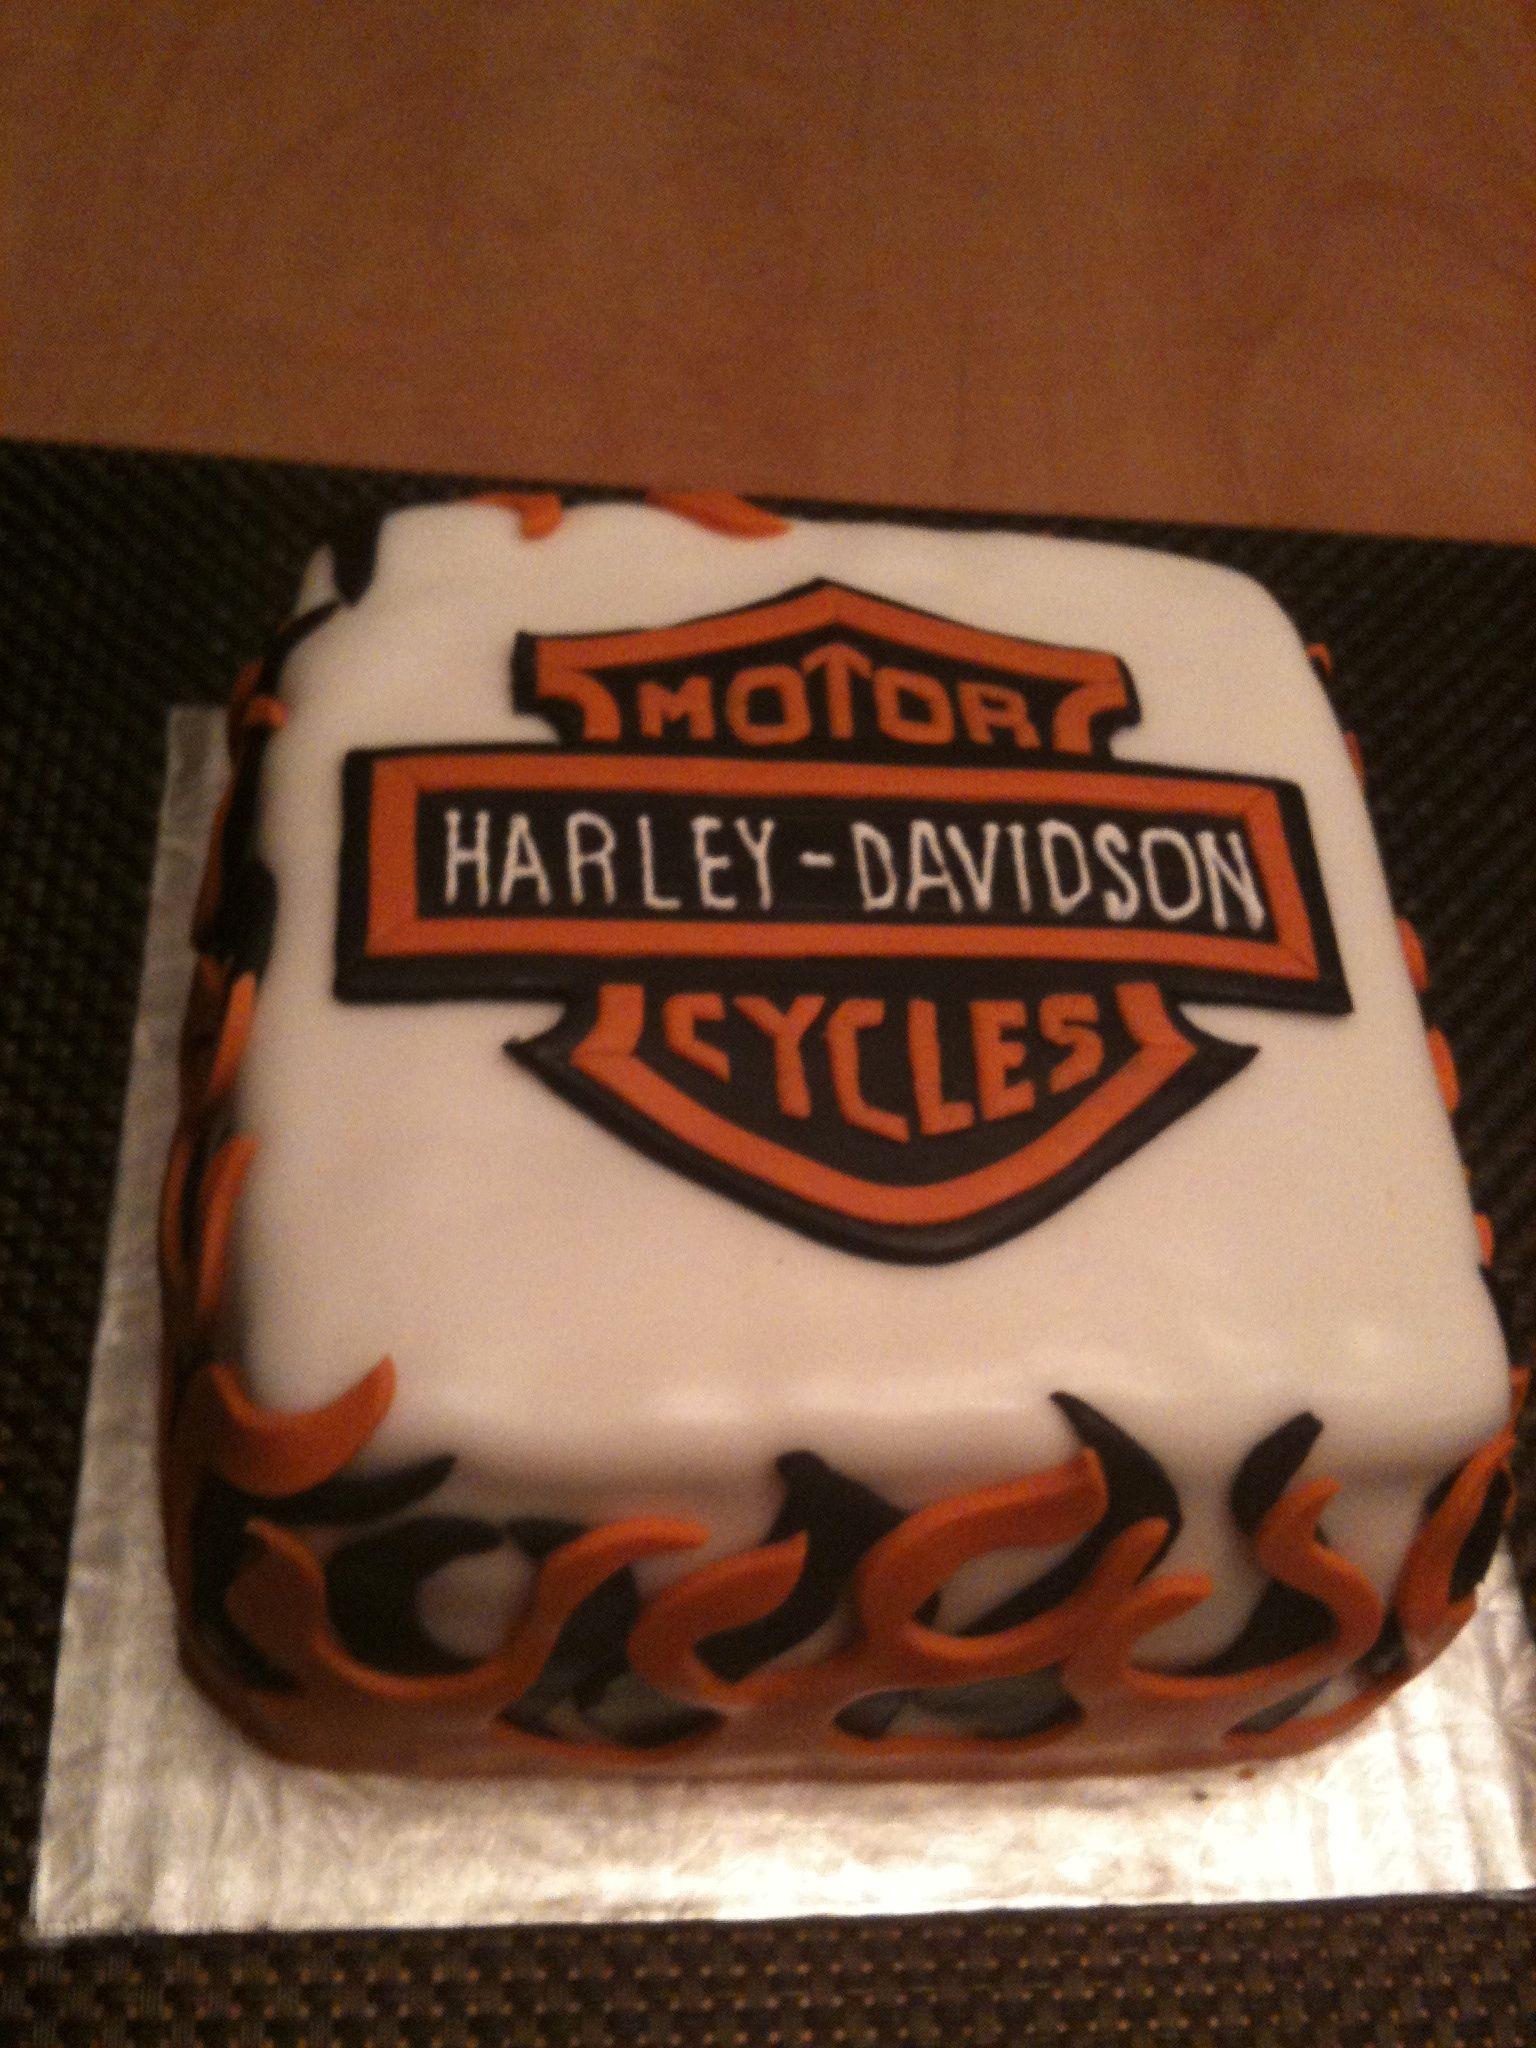 Harley Davidson Cake Baking Motorcycle Cake Harley